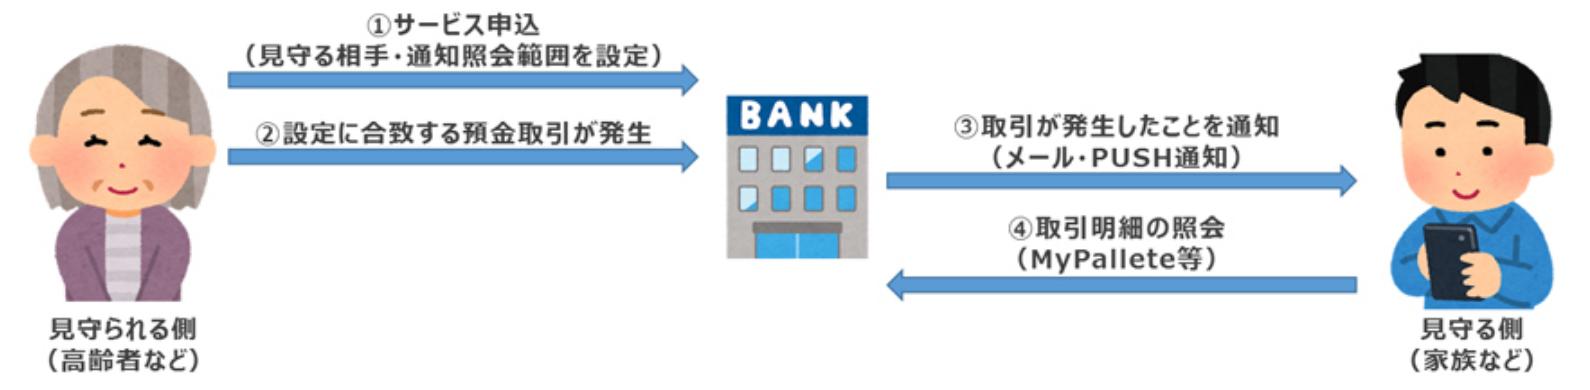 「家族の口座取引を見守るサービス」のサービスイメージ(出典:NTTデータの報道発表資料より)